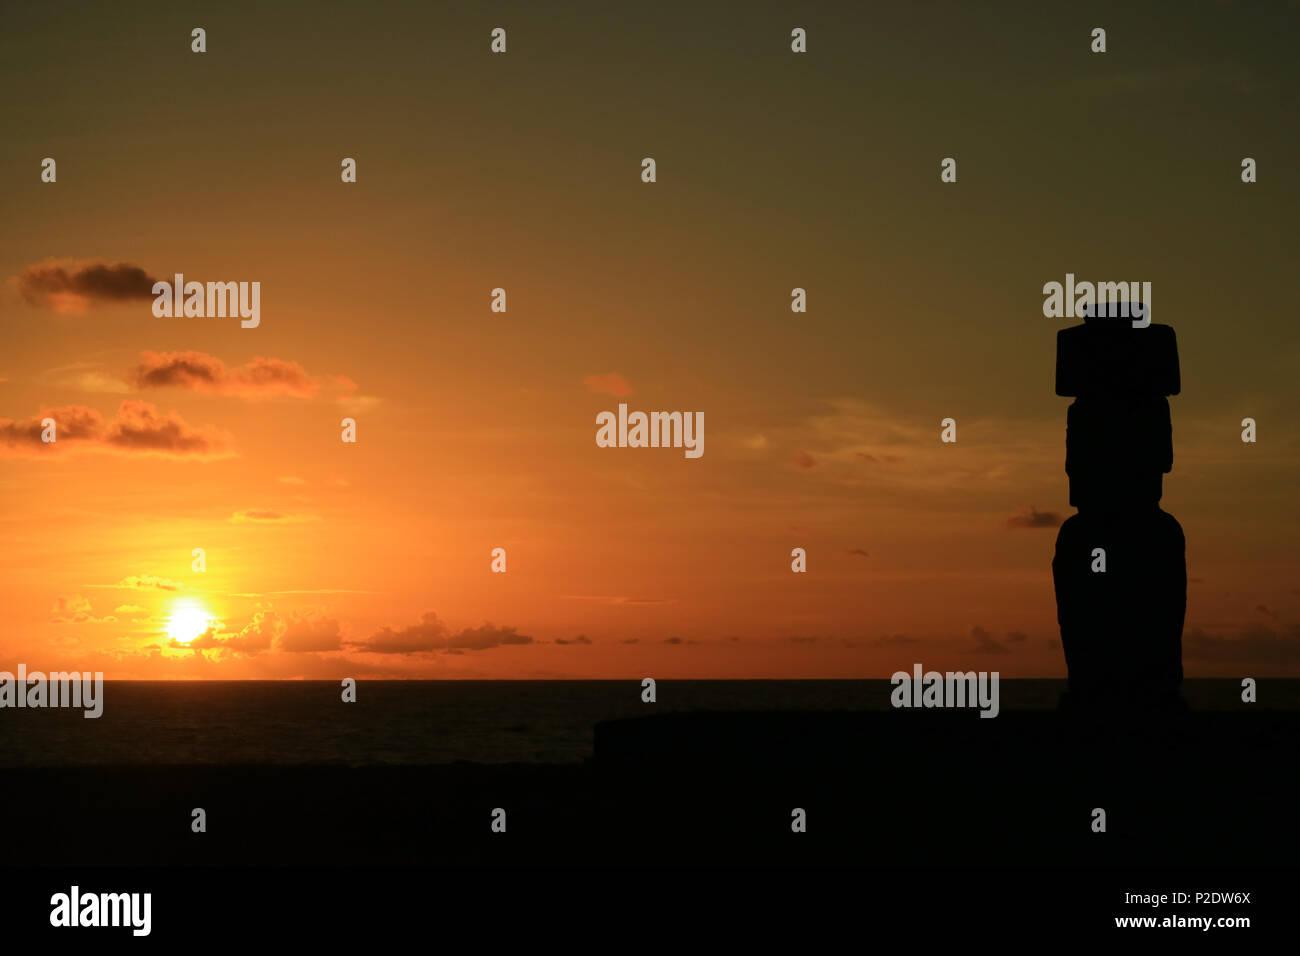 Impresionantes vistas de la puesta de sol sobre el océano Pacífico con la silueta de Moai en Ahu Tahai, Isla de Pascua, Chile Foto de stock